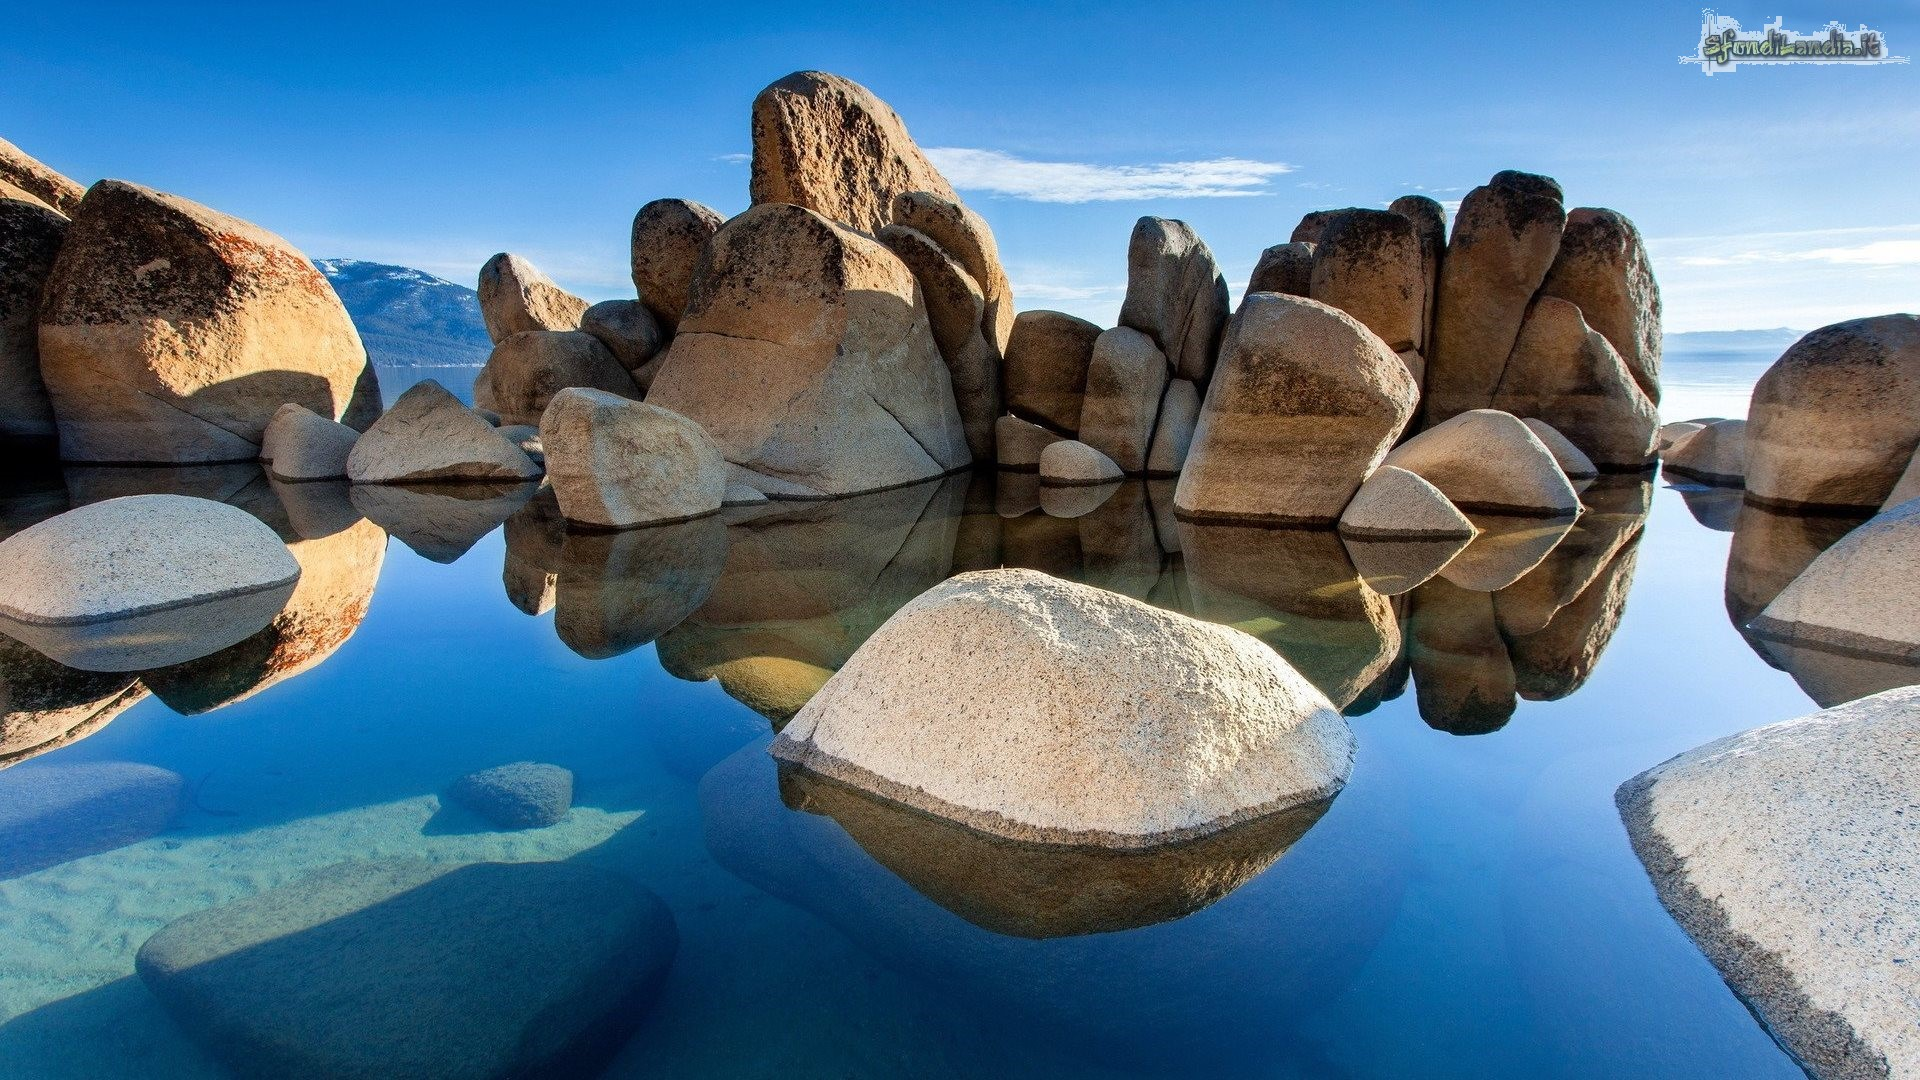 Sfondo gratis di rocky beach per desktop for Sfondi 1920x1080